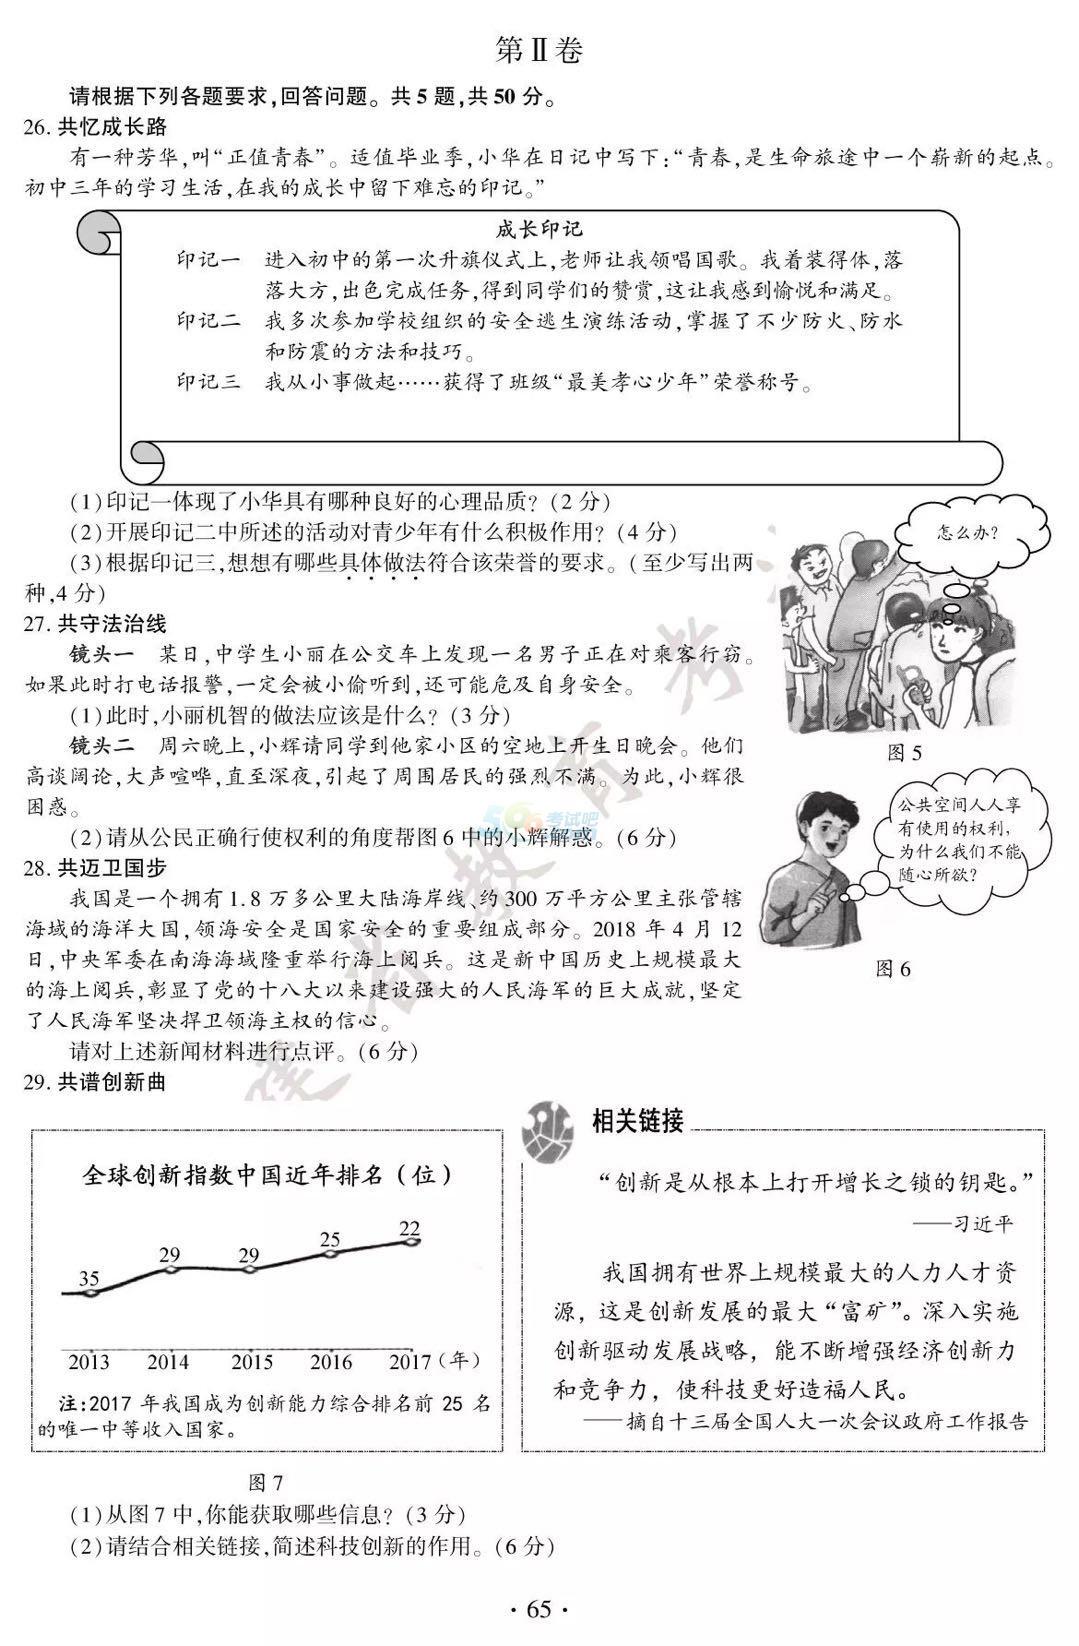 2018年福建省中考思想品德真题及答案已公布